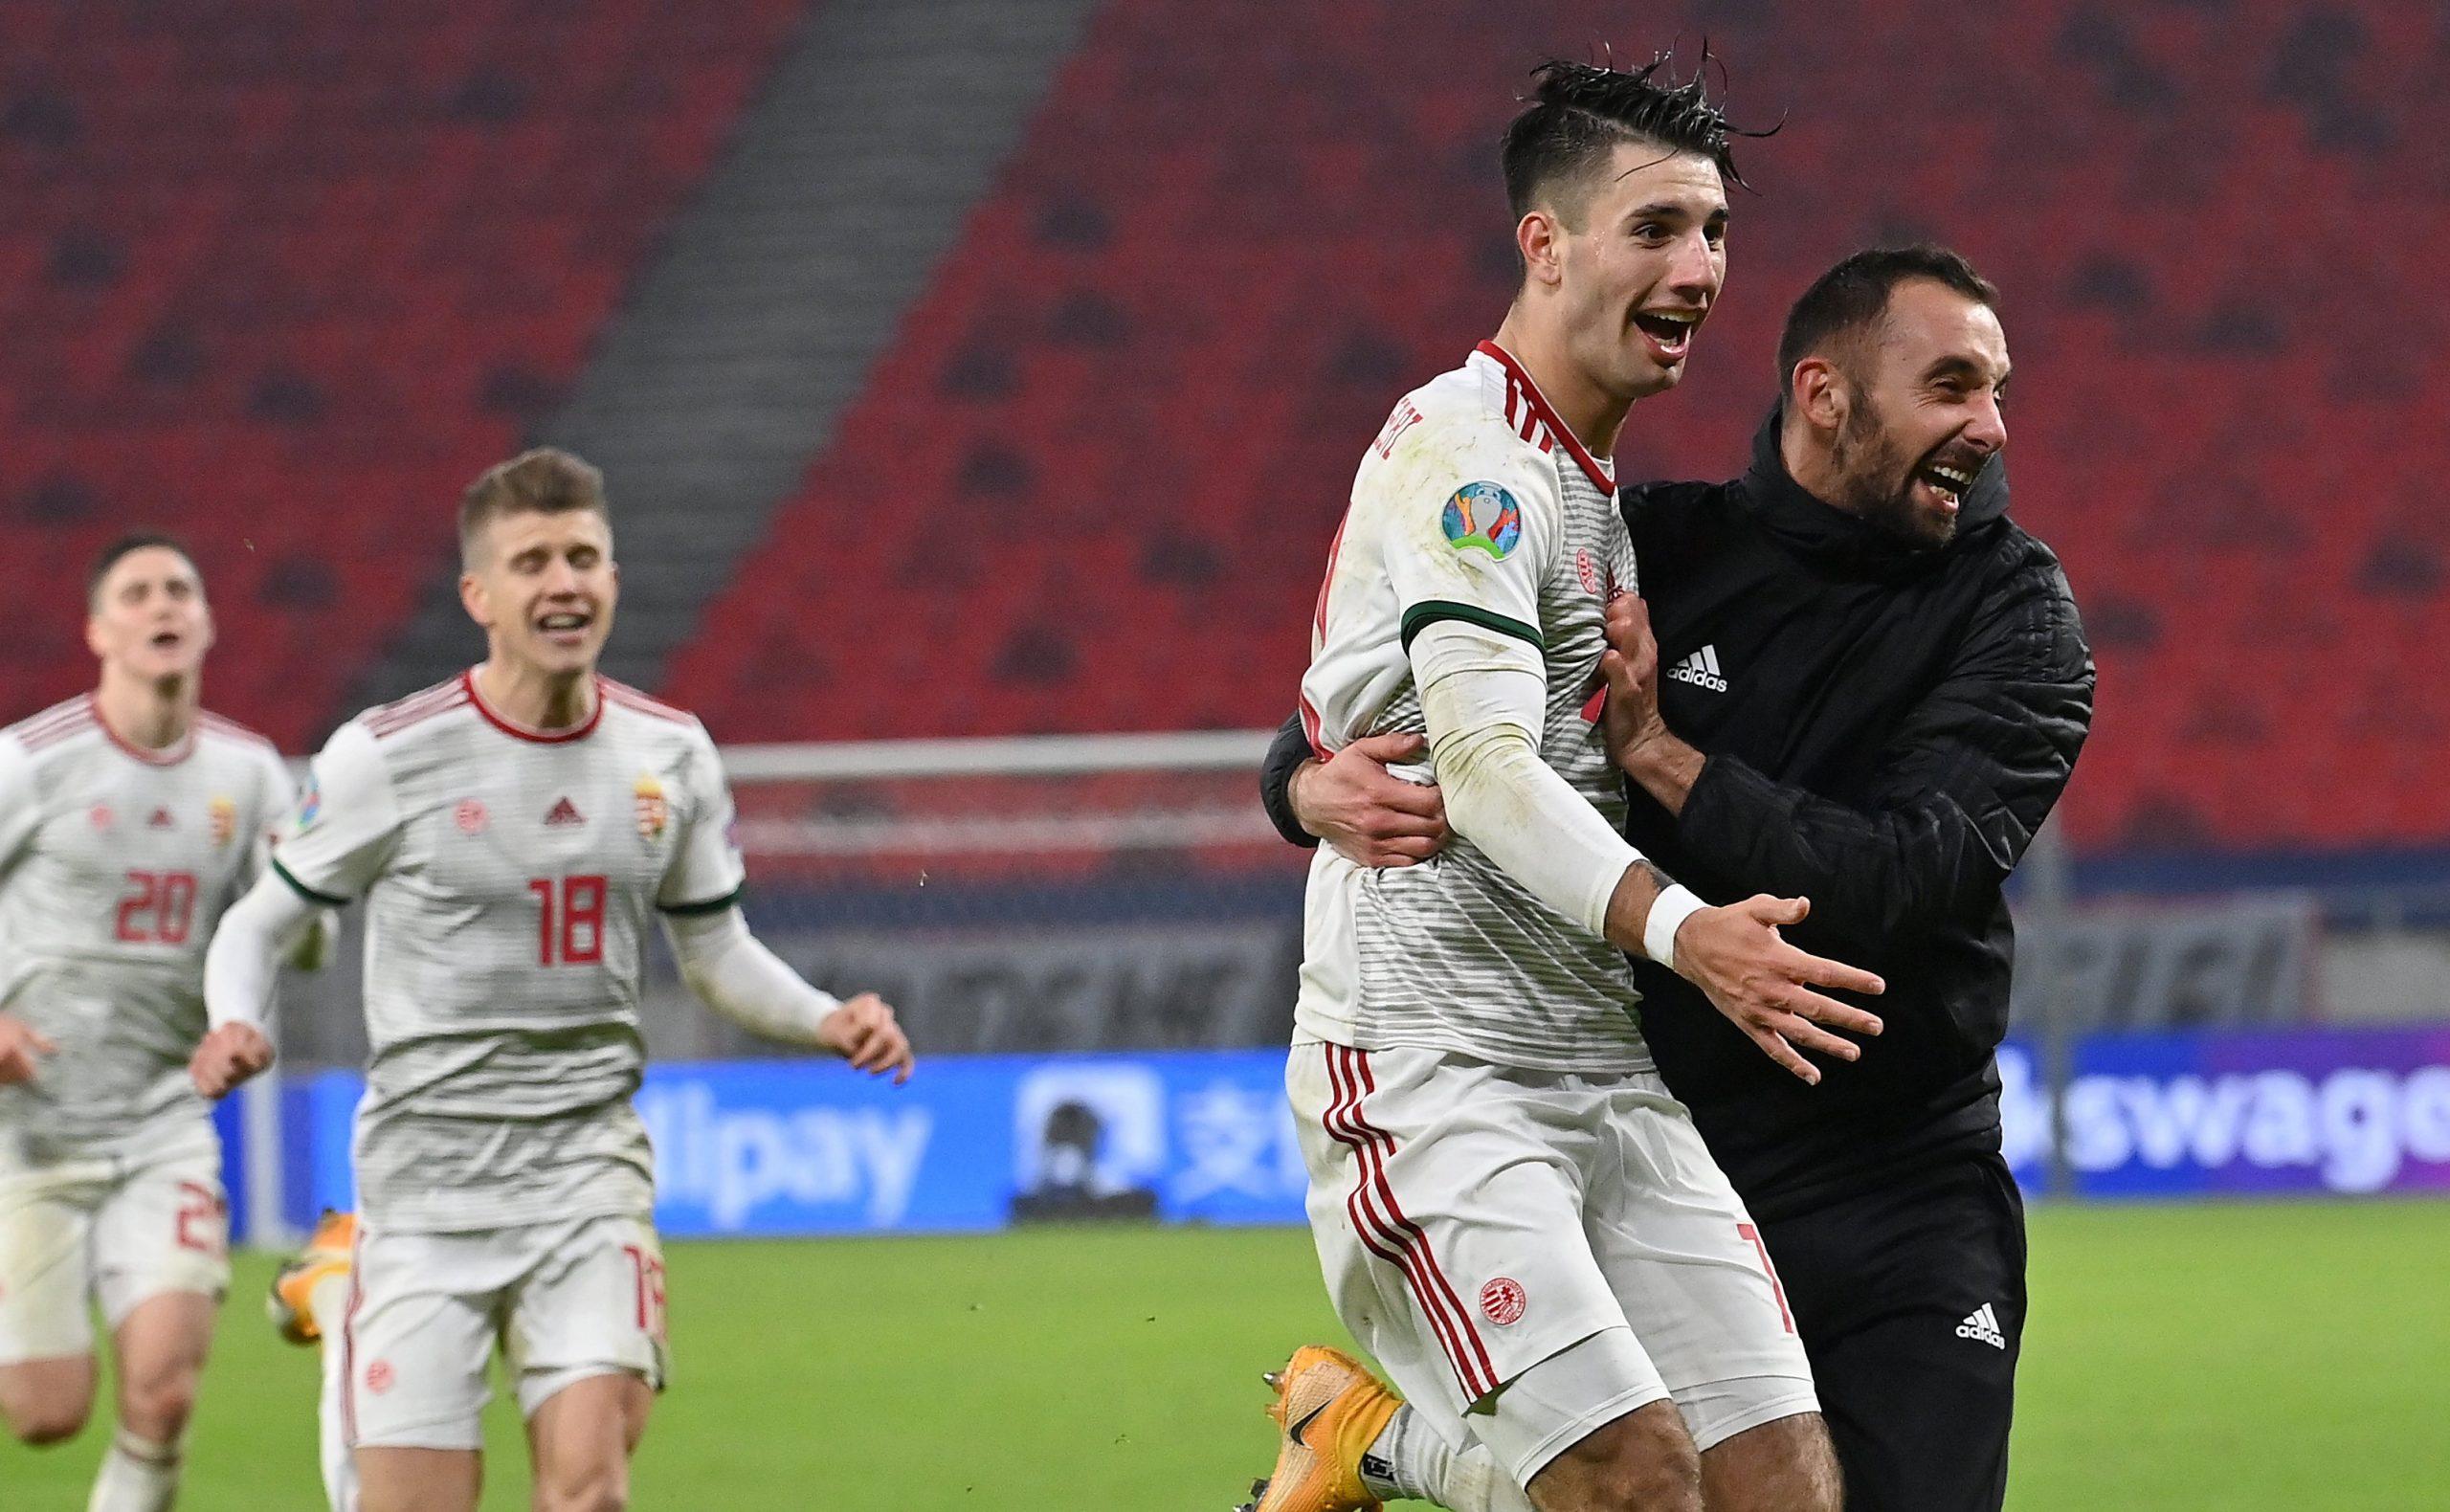 Ungarischer Fußballnationaltrainer: